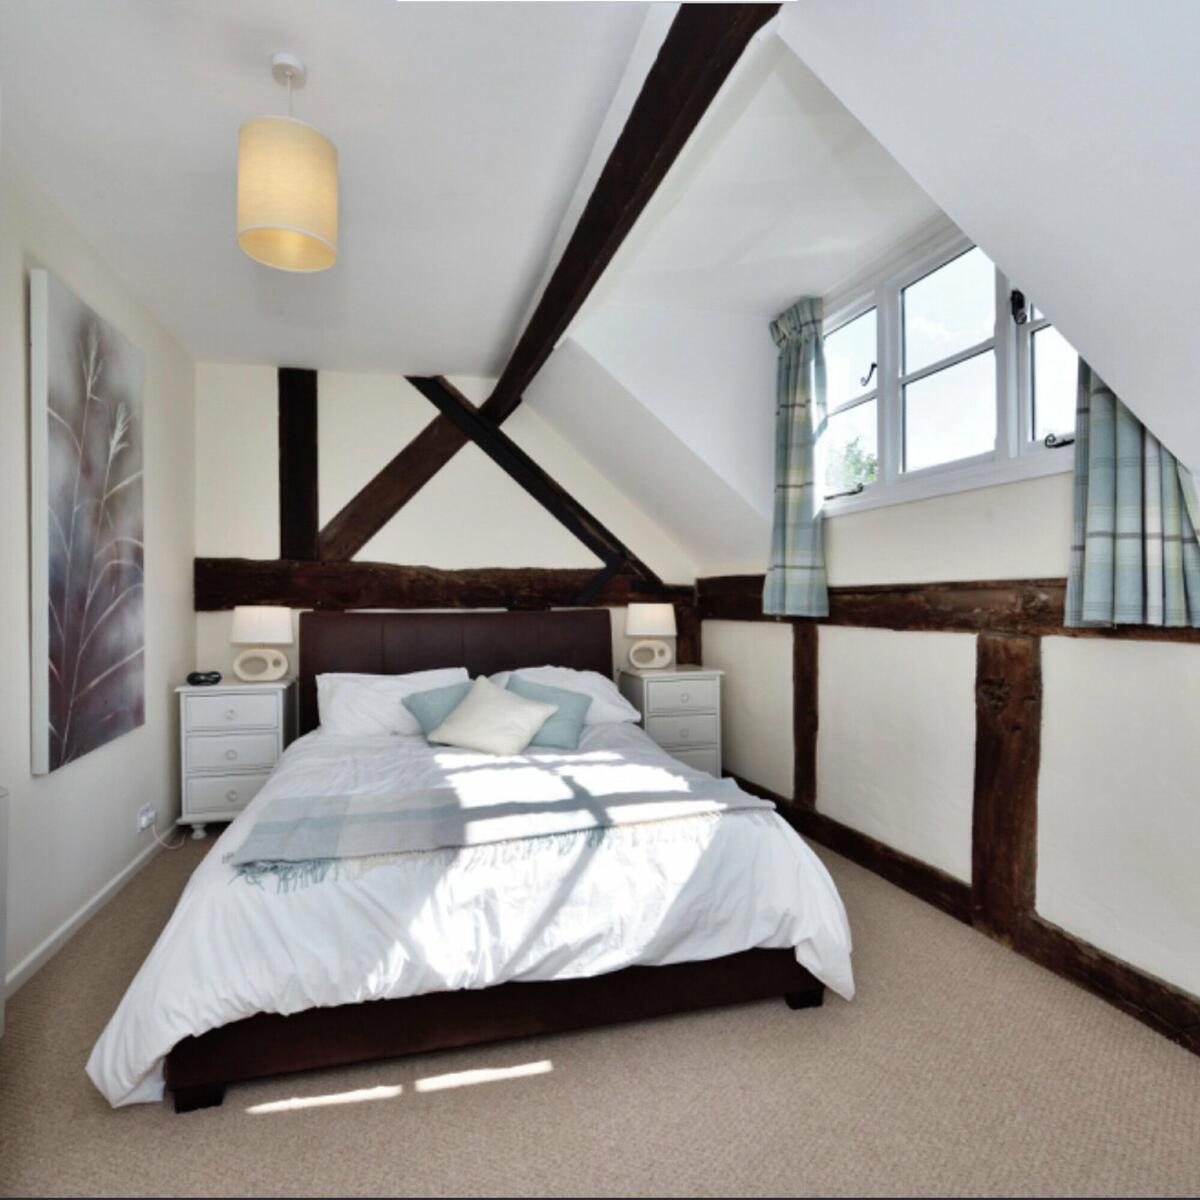 Symonds double bedroom